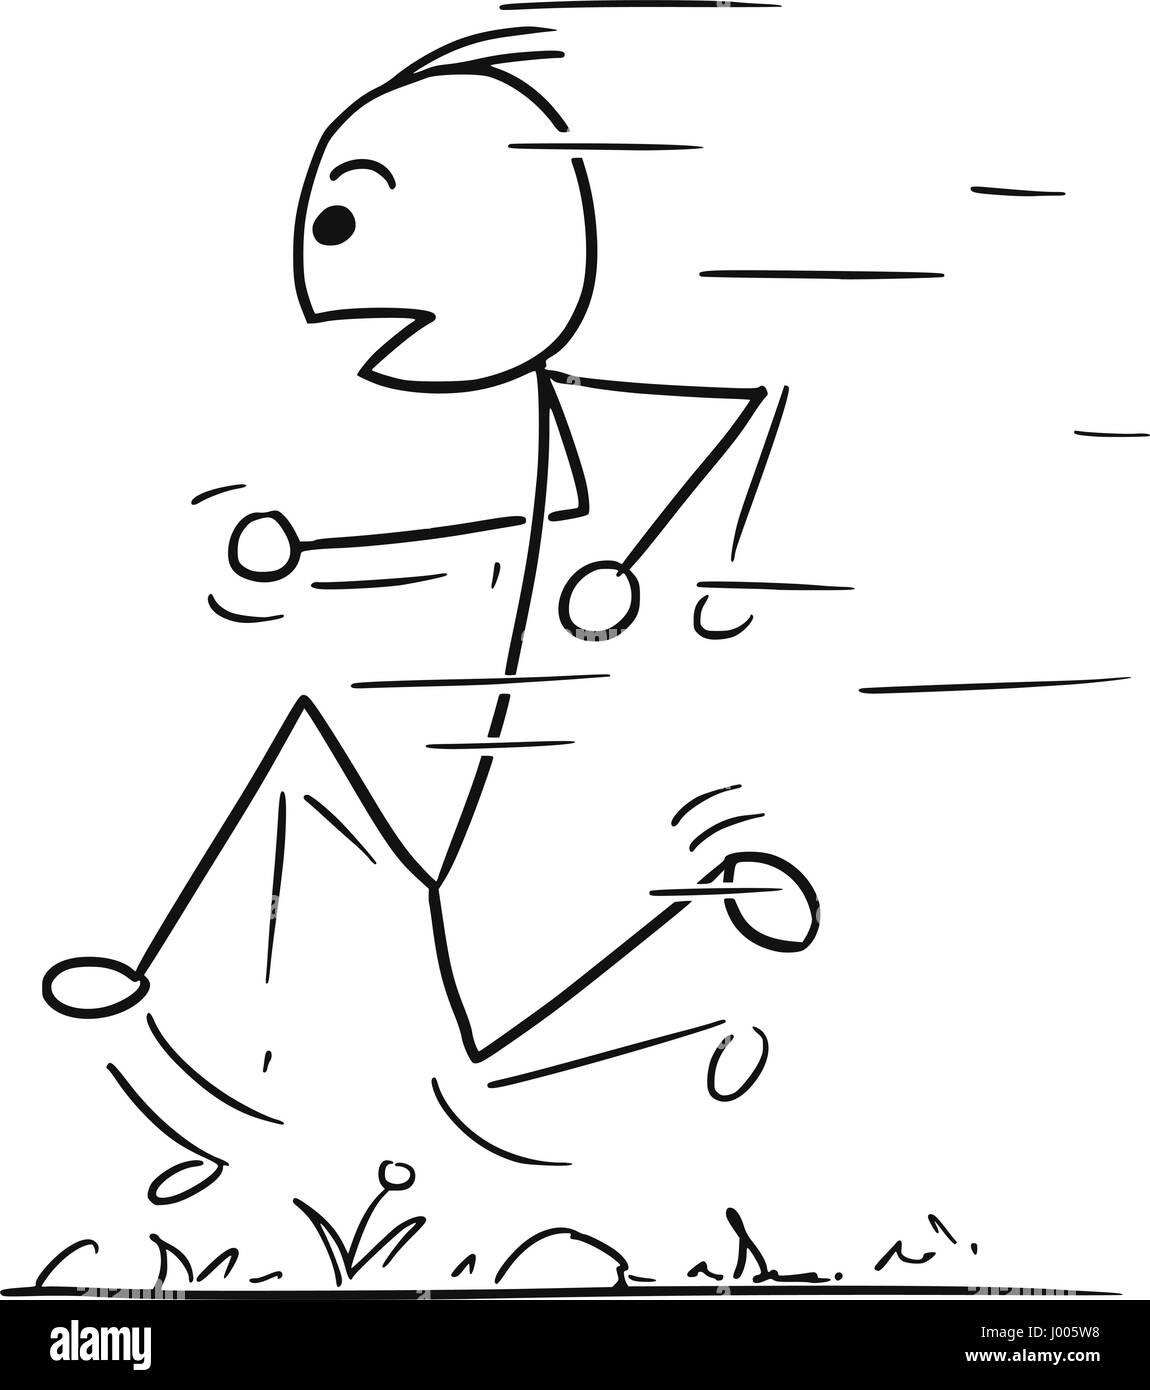 Strichmännchen Rennen